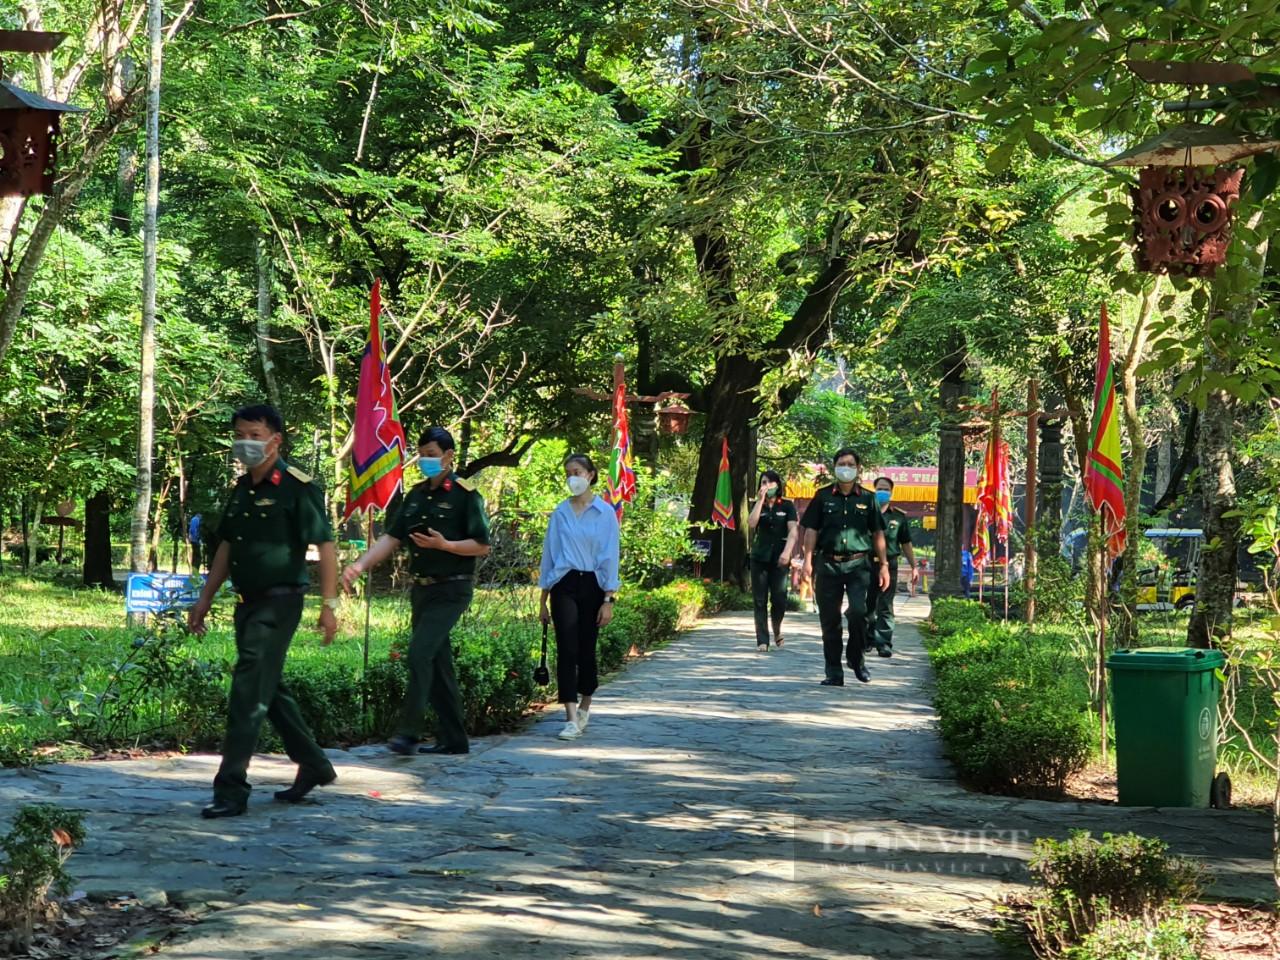 Lễ hội Lam Kinh 2021 không tổ chức phần hội, bảo đảm an toàn phòng chống dịch Covid-19 - Ảnh 2.